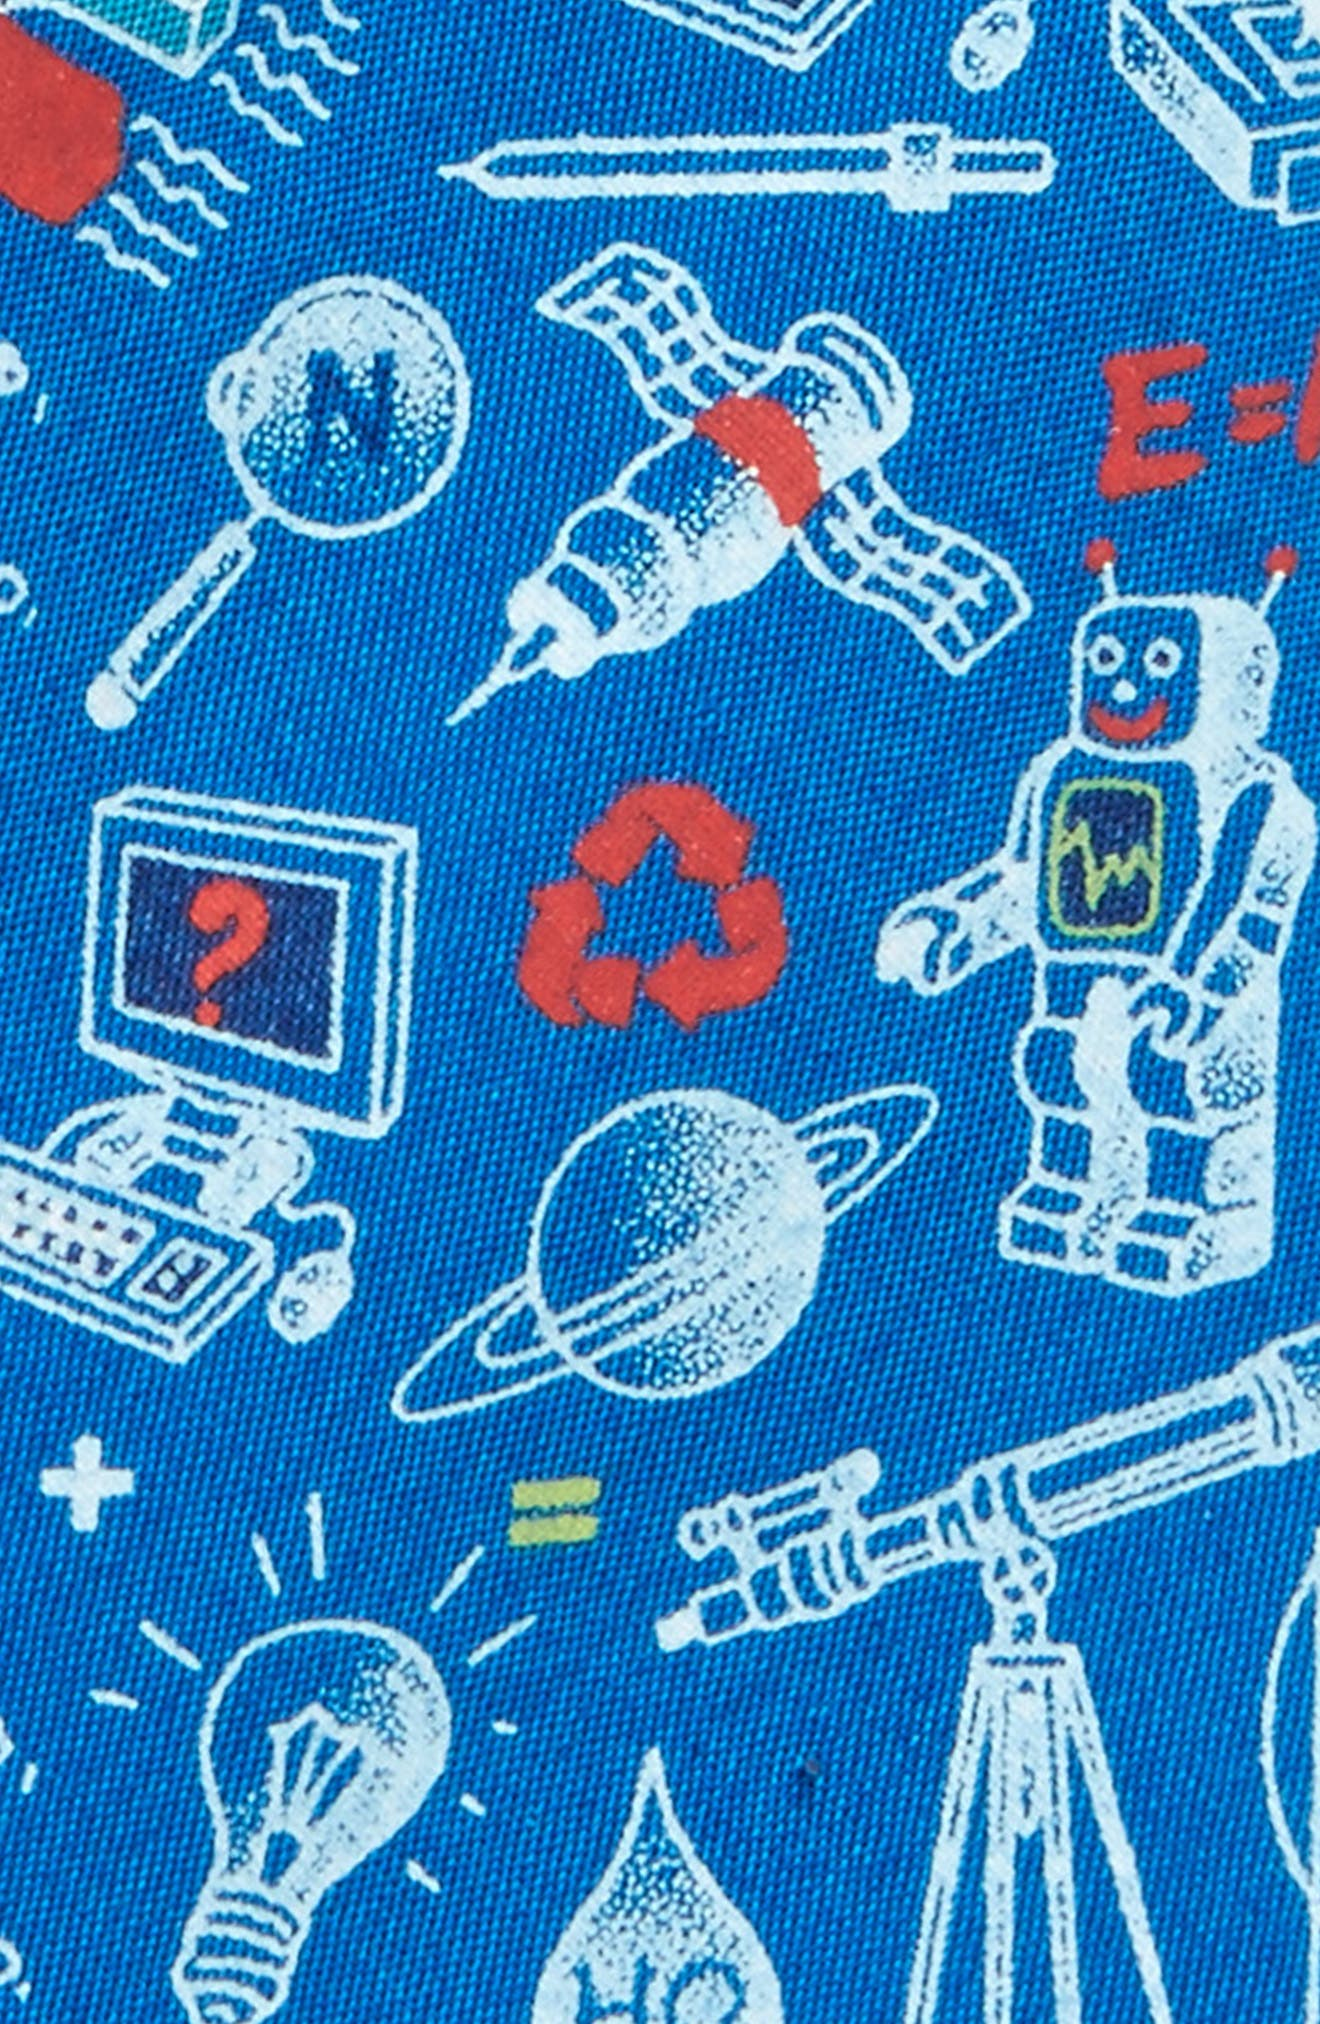 Science Print Cotton Tie,                             Alternate thumbnail 2, color,                             415